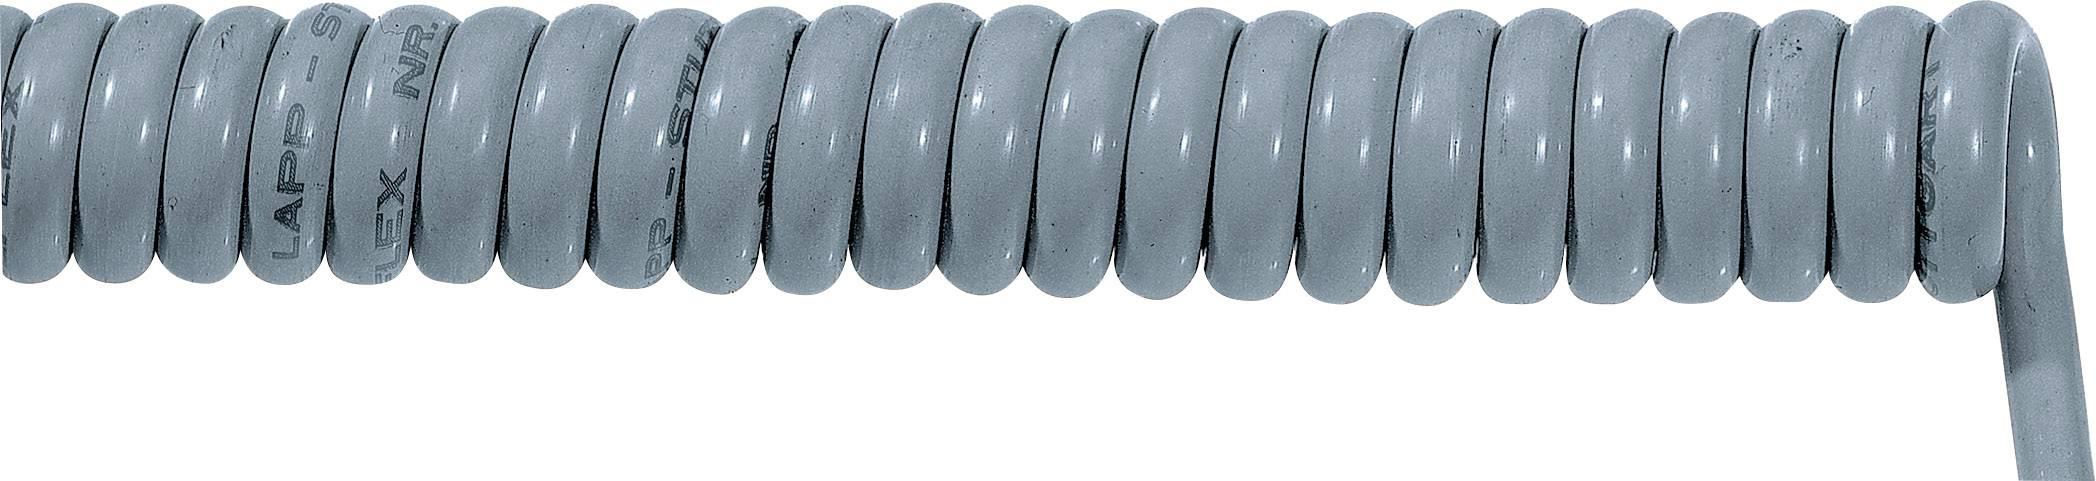 Špirálový kábel 70002689 ÖLFLEX® SPIRAL 400 P 3 x 1.50 mm², 1500 mm / 4500 mm, sivá